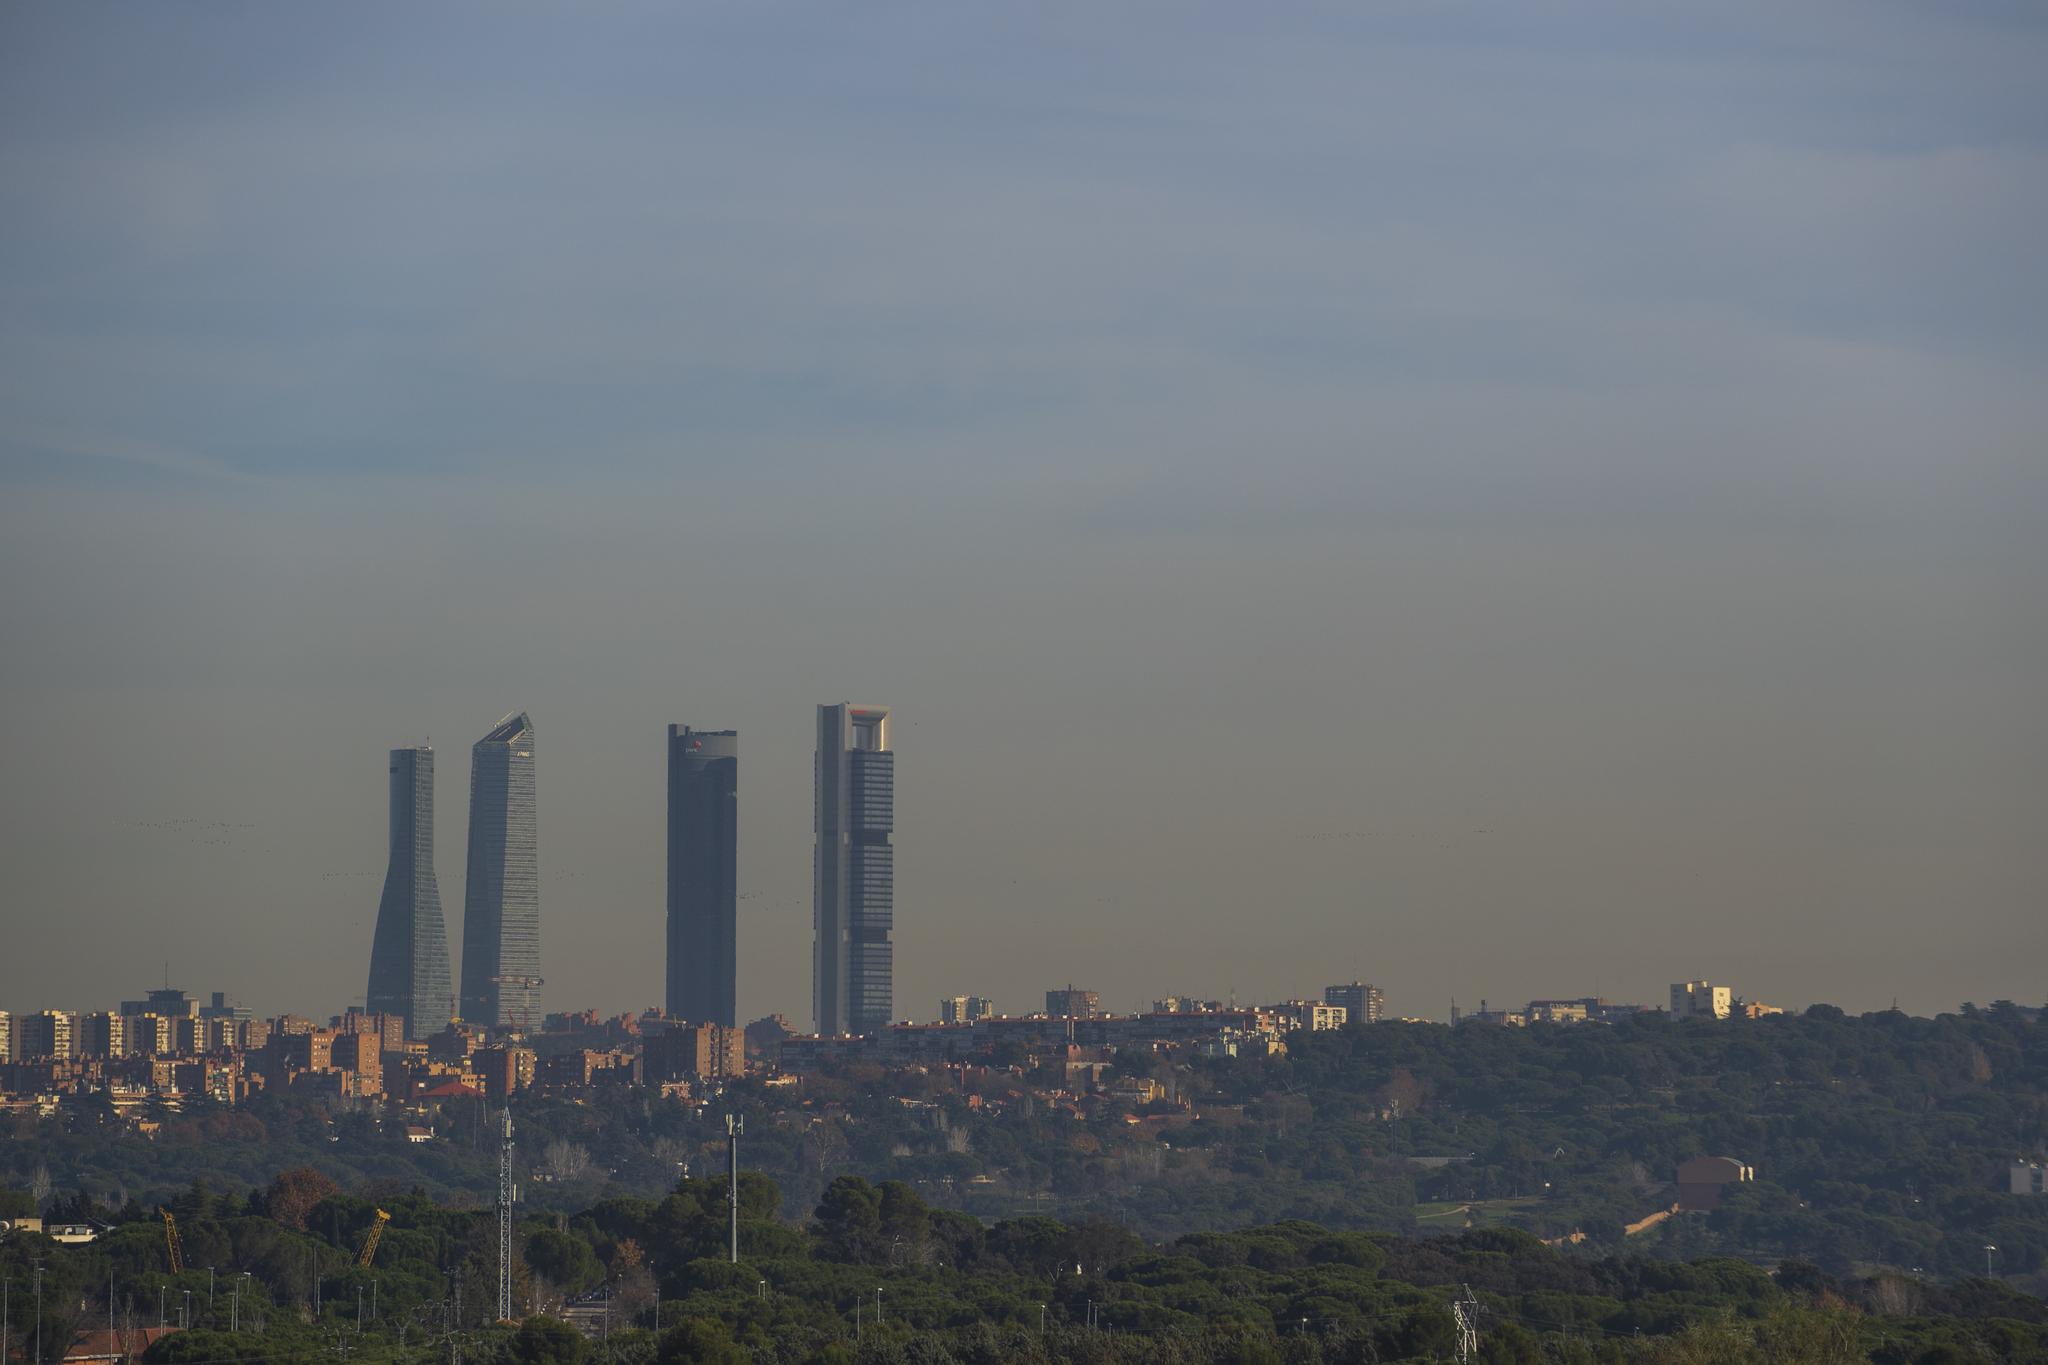 Skyline de Madrid donde se aprecia la boina de conaminación